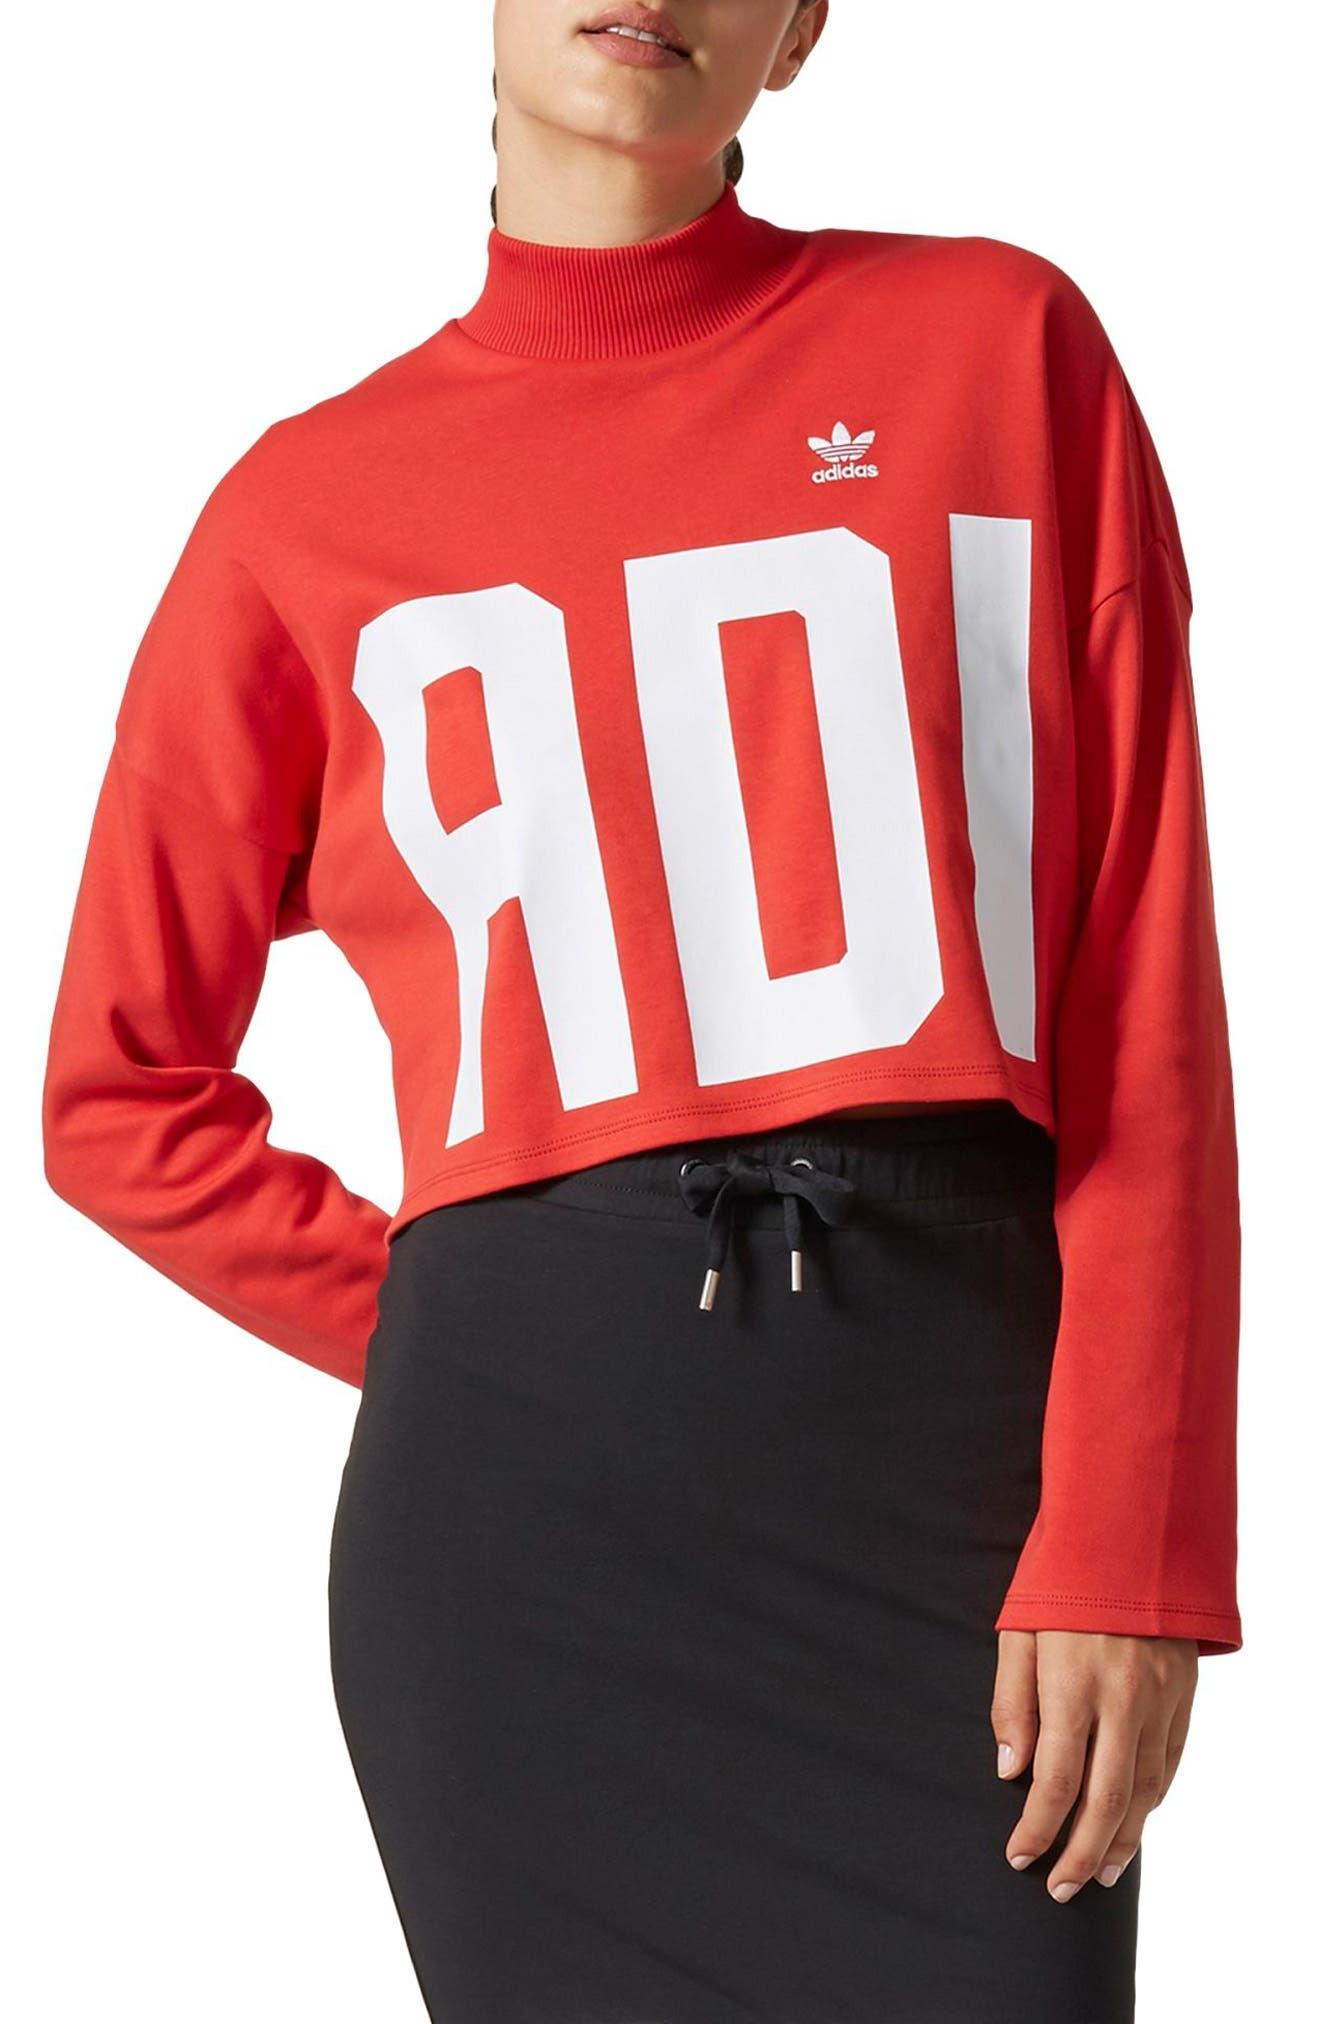 adidas Bold Age Crop Sweatshirt